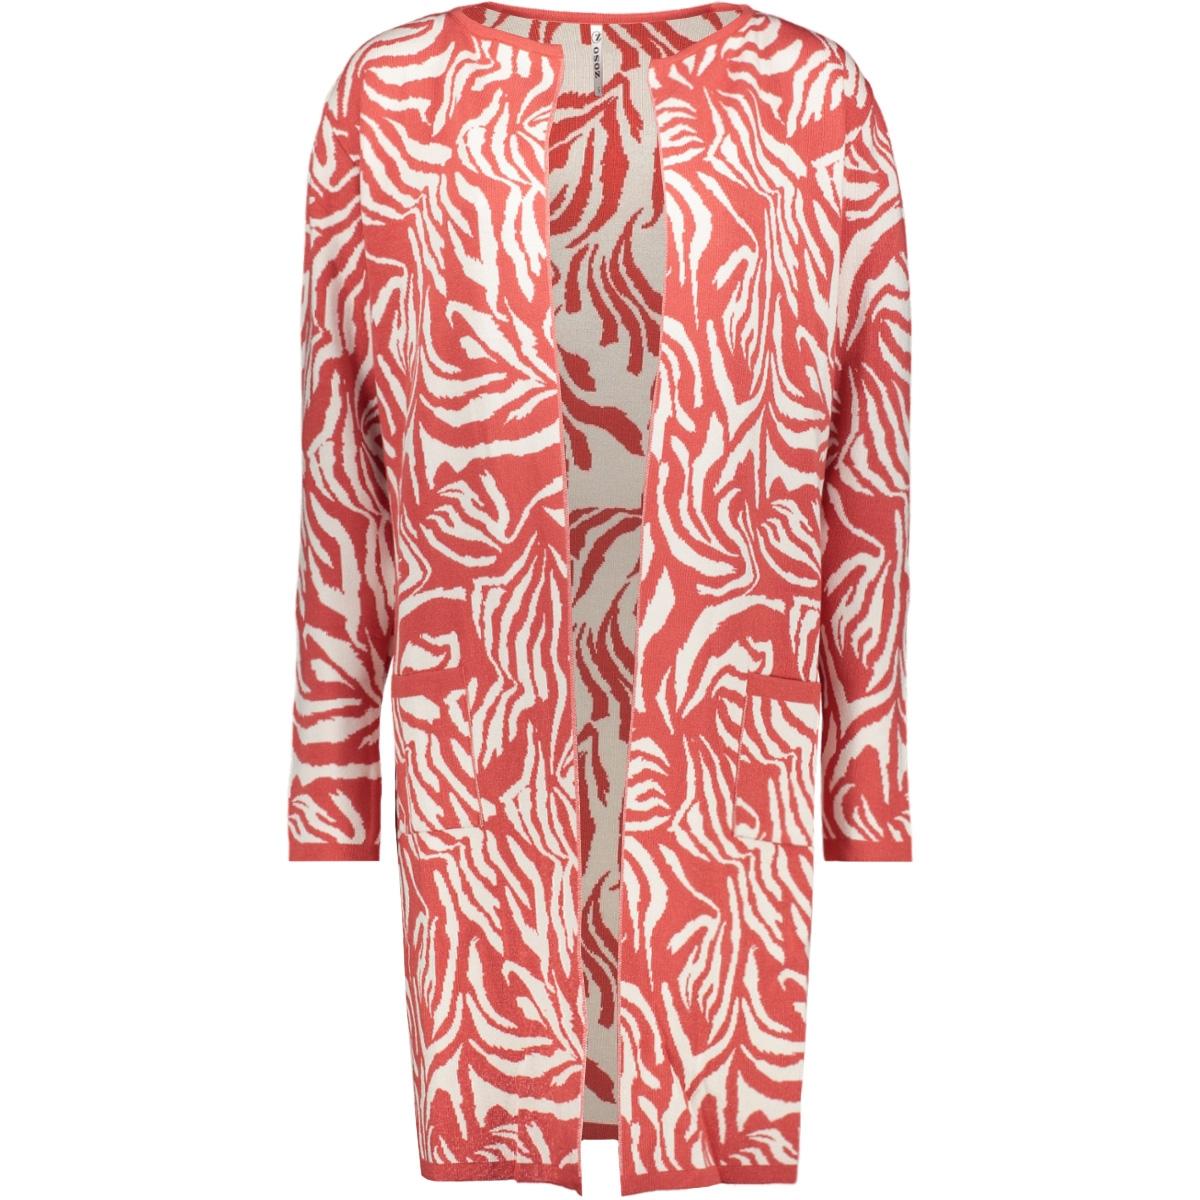 yolanda knitted cardigan 201 zoso vest desert red